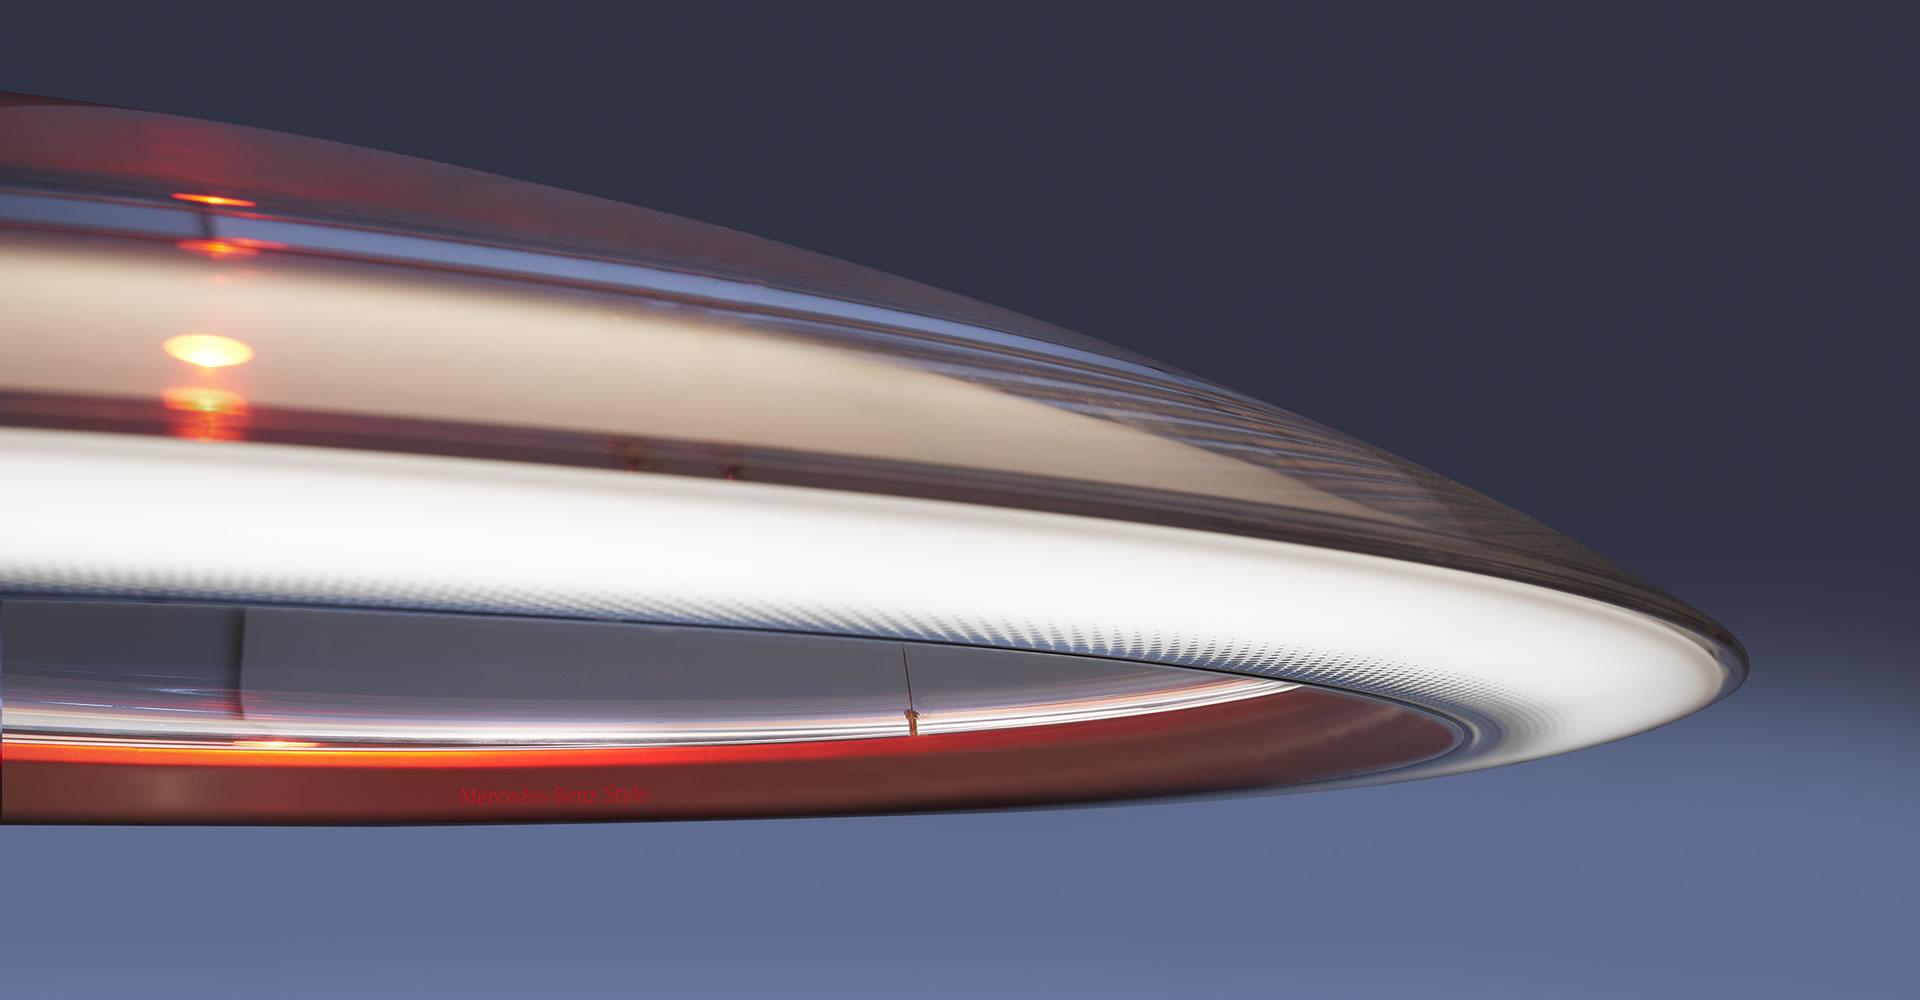 plastica conduttiva Ameluna-03